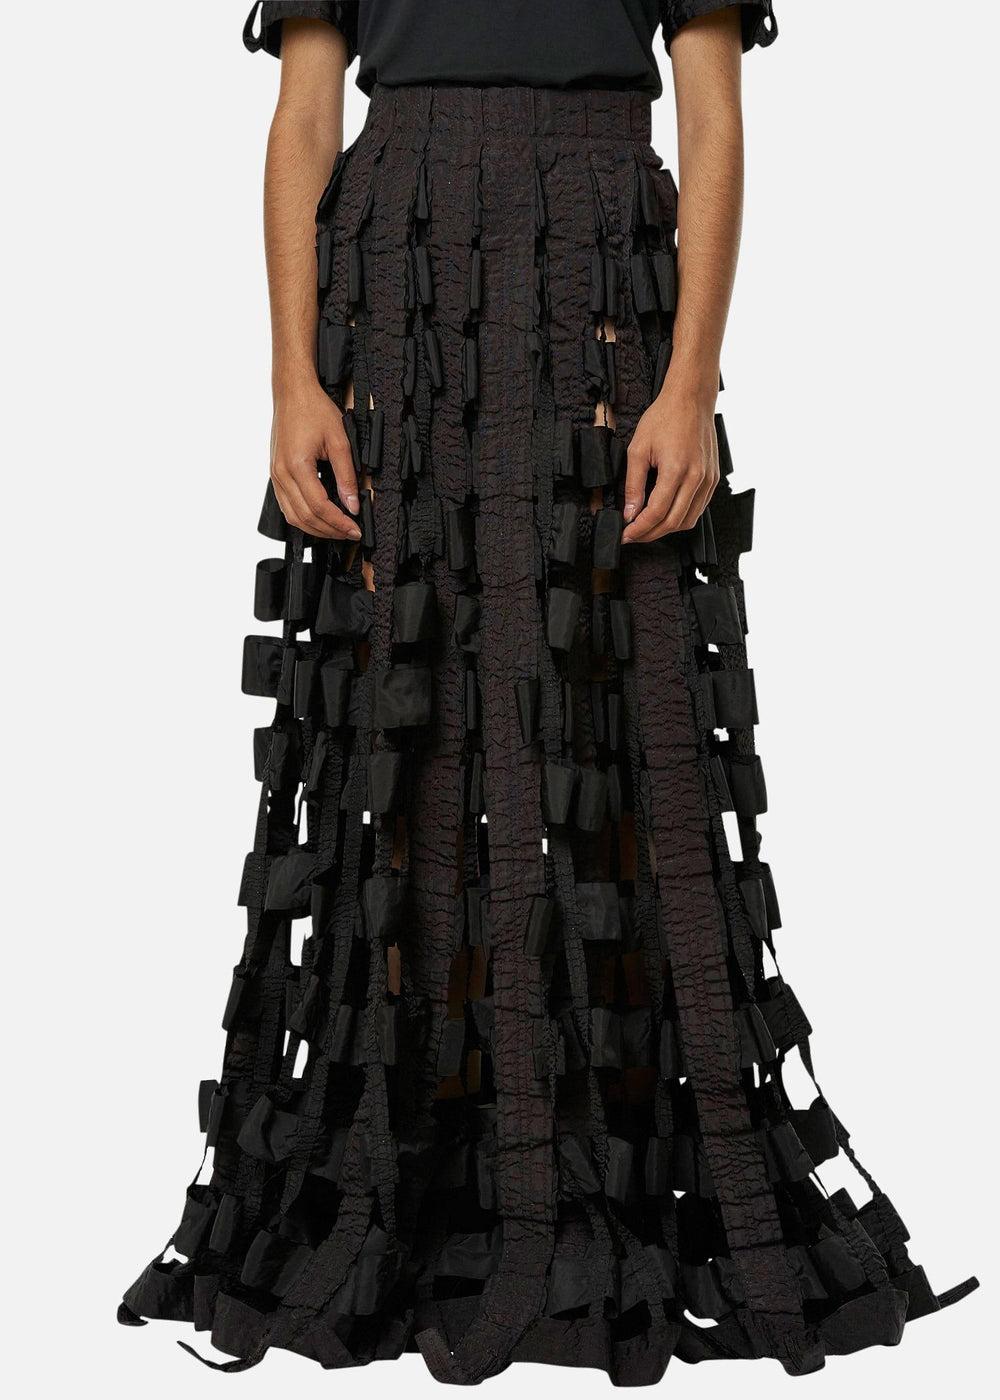 Raeburn Air Brake Skirt Black